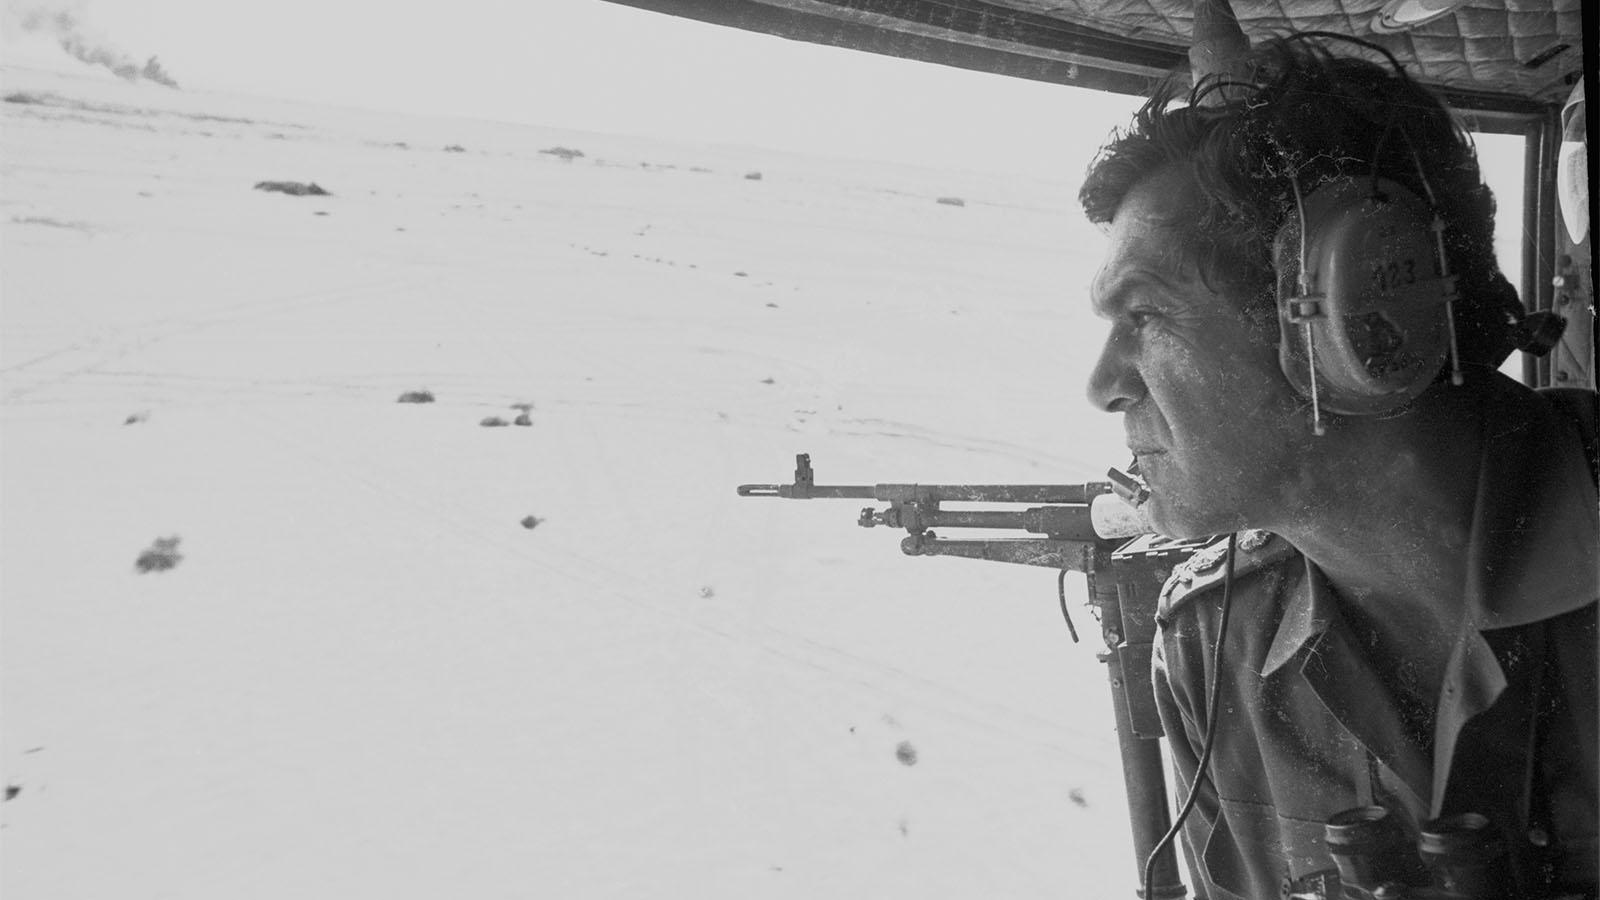 """הרמטכ""""ל, רב אלוף דוד אלעזר (דדו) במלחמת יום הכיפורים (צילום: דובר צה""""ל)"""